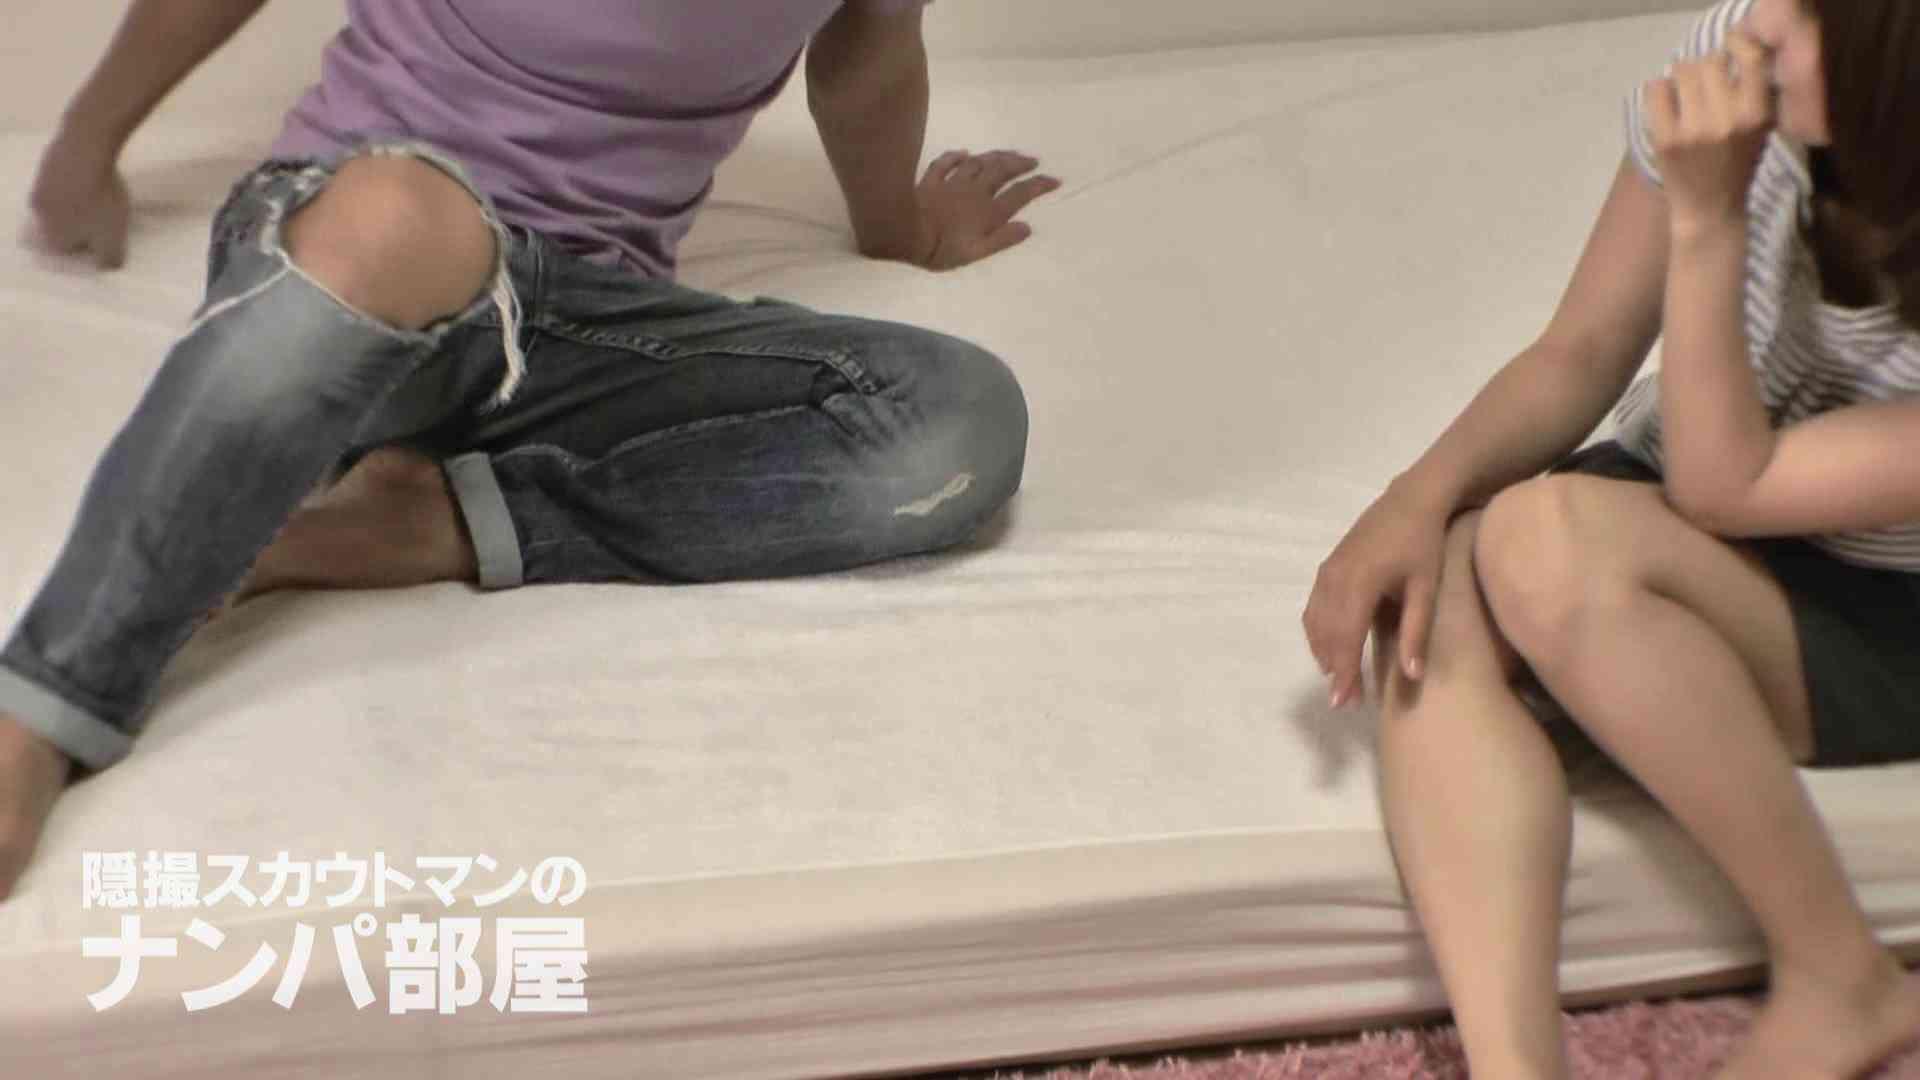 隠撮スカウトマンのナンパ部屋~風俗デビュー前のつまみ食い~ siivol.3 ナンパ セックス無修正動画無料 105連発 39